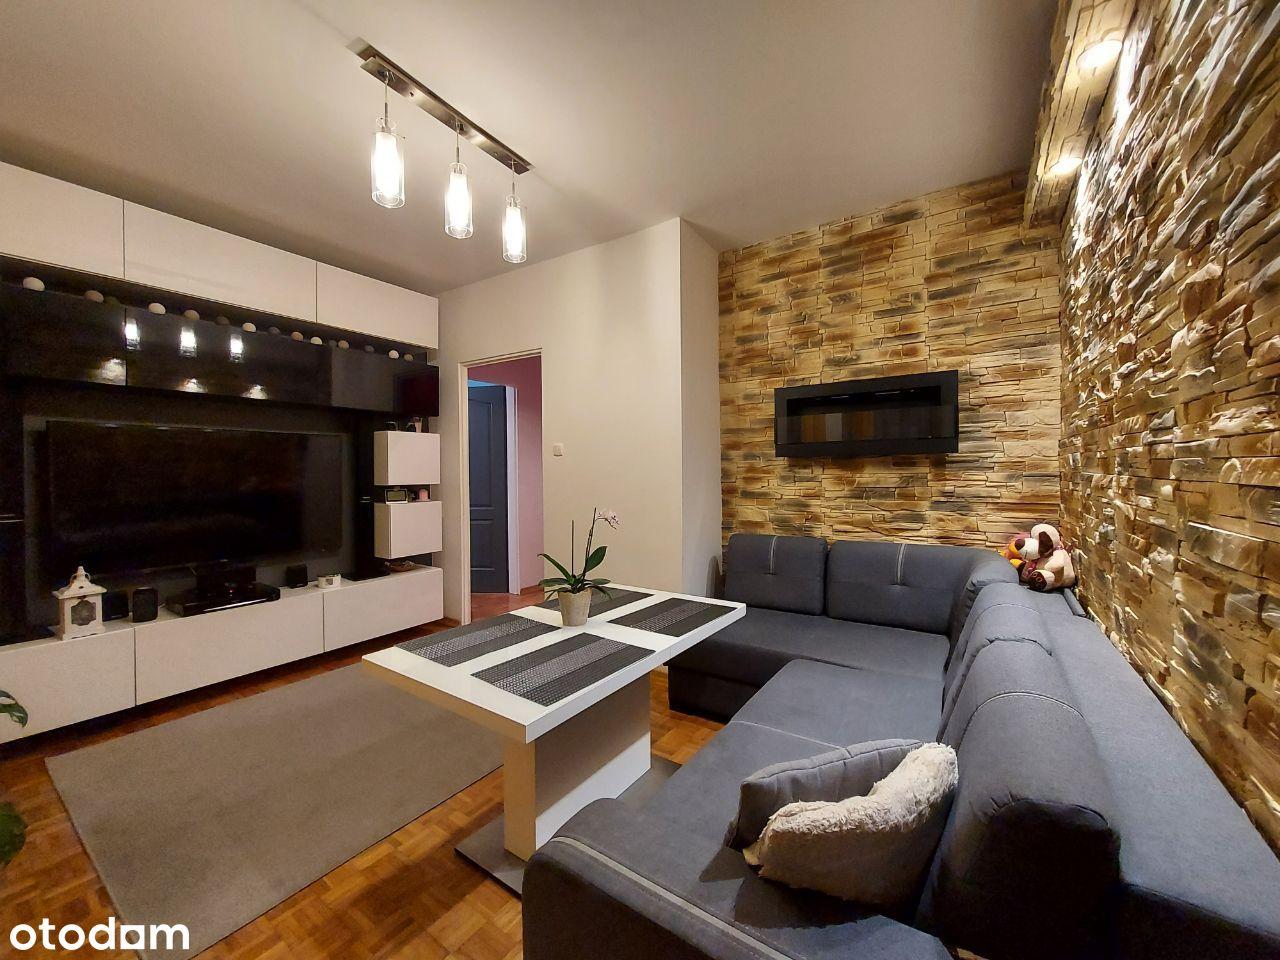 Mieszkanie Na Skarpie, 3-pokoje, 62.40 m. kw.!